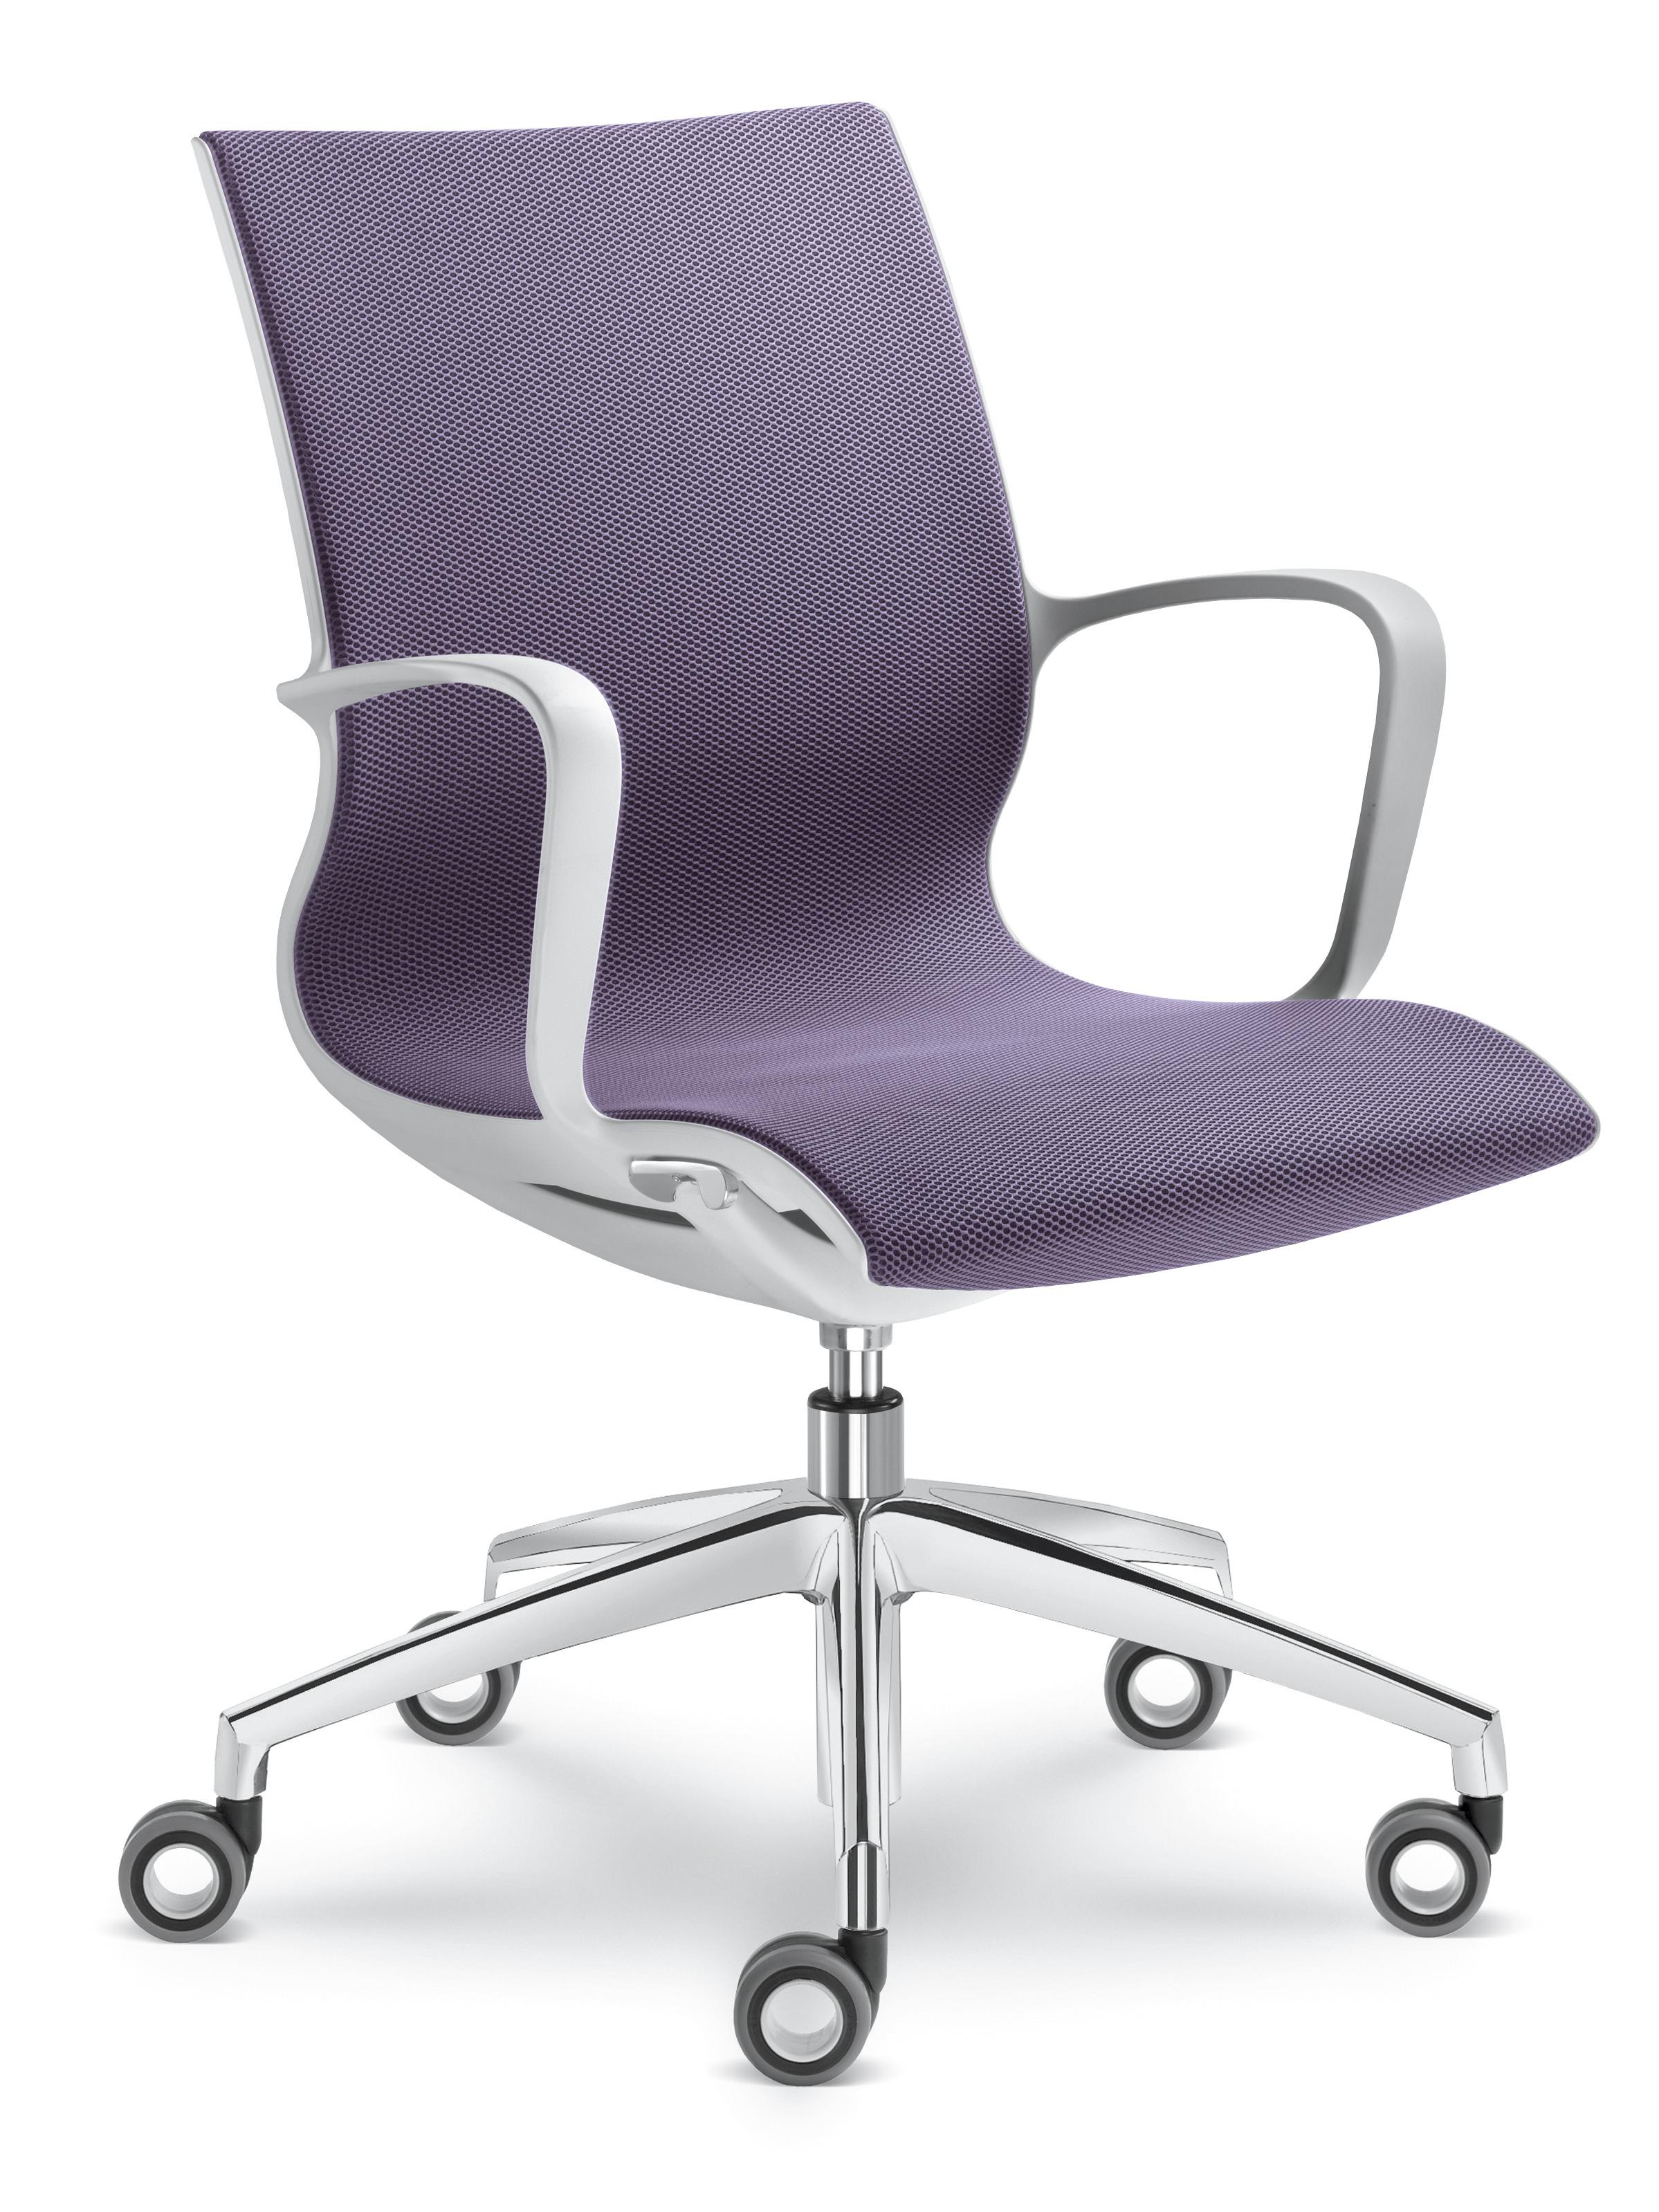 Kancelářské židle LD Seating - Kancelářská židle Everyday 765